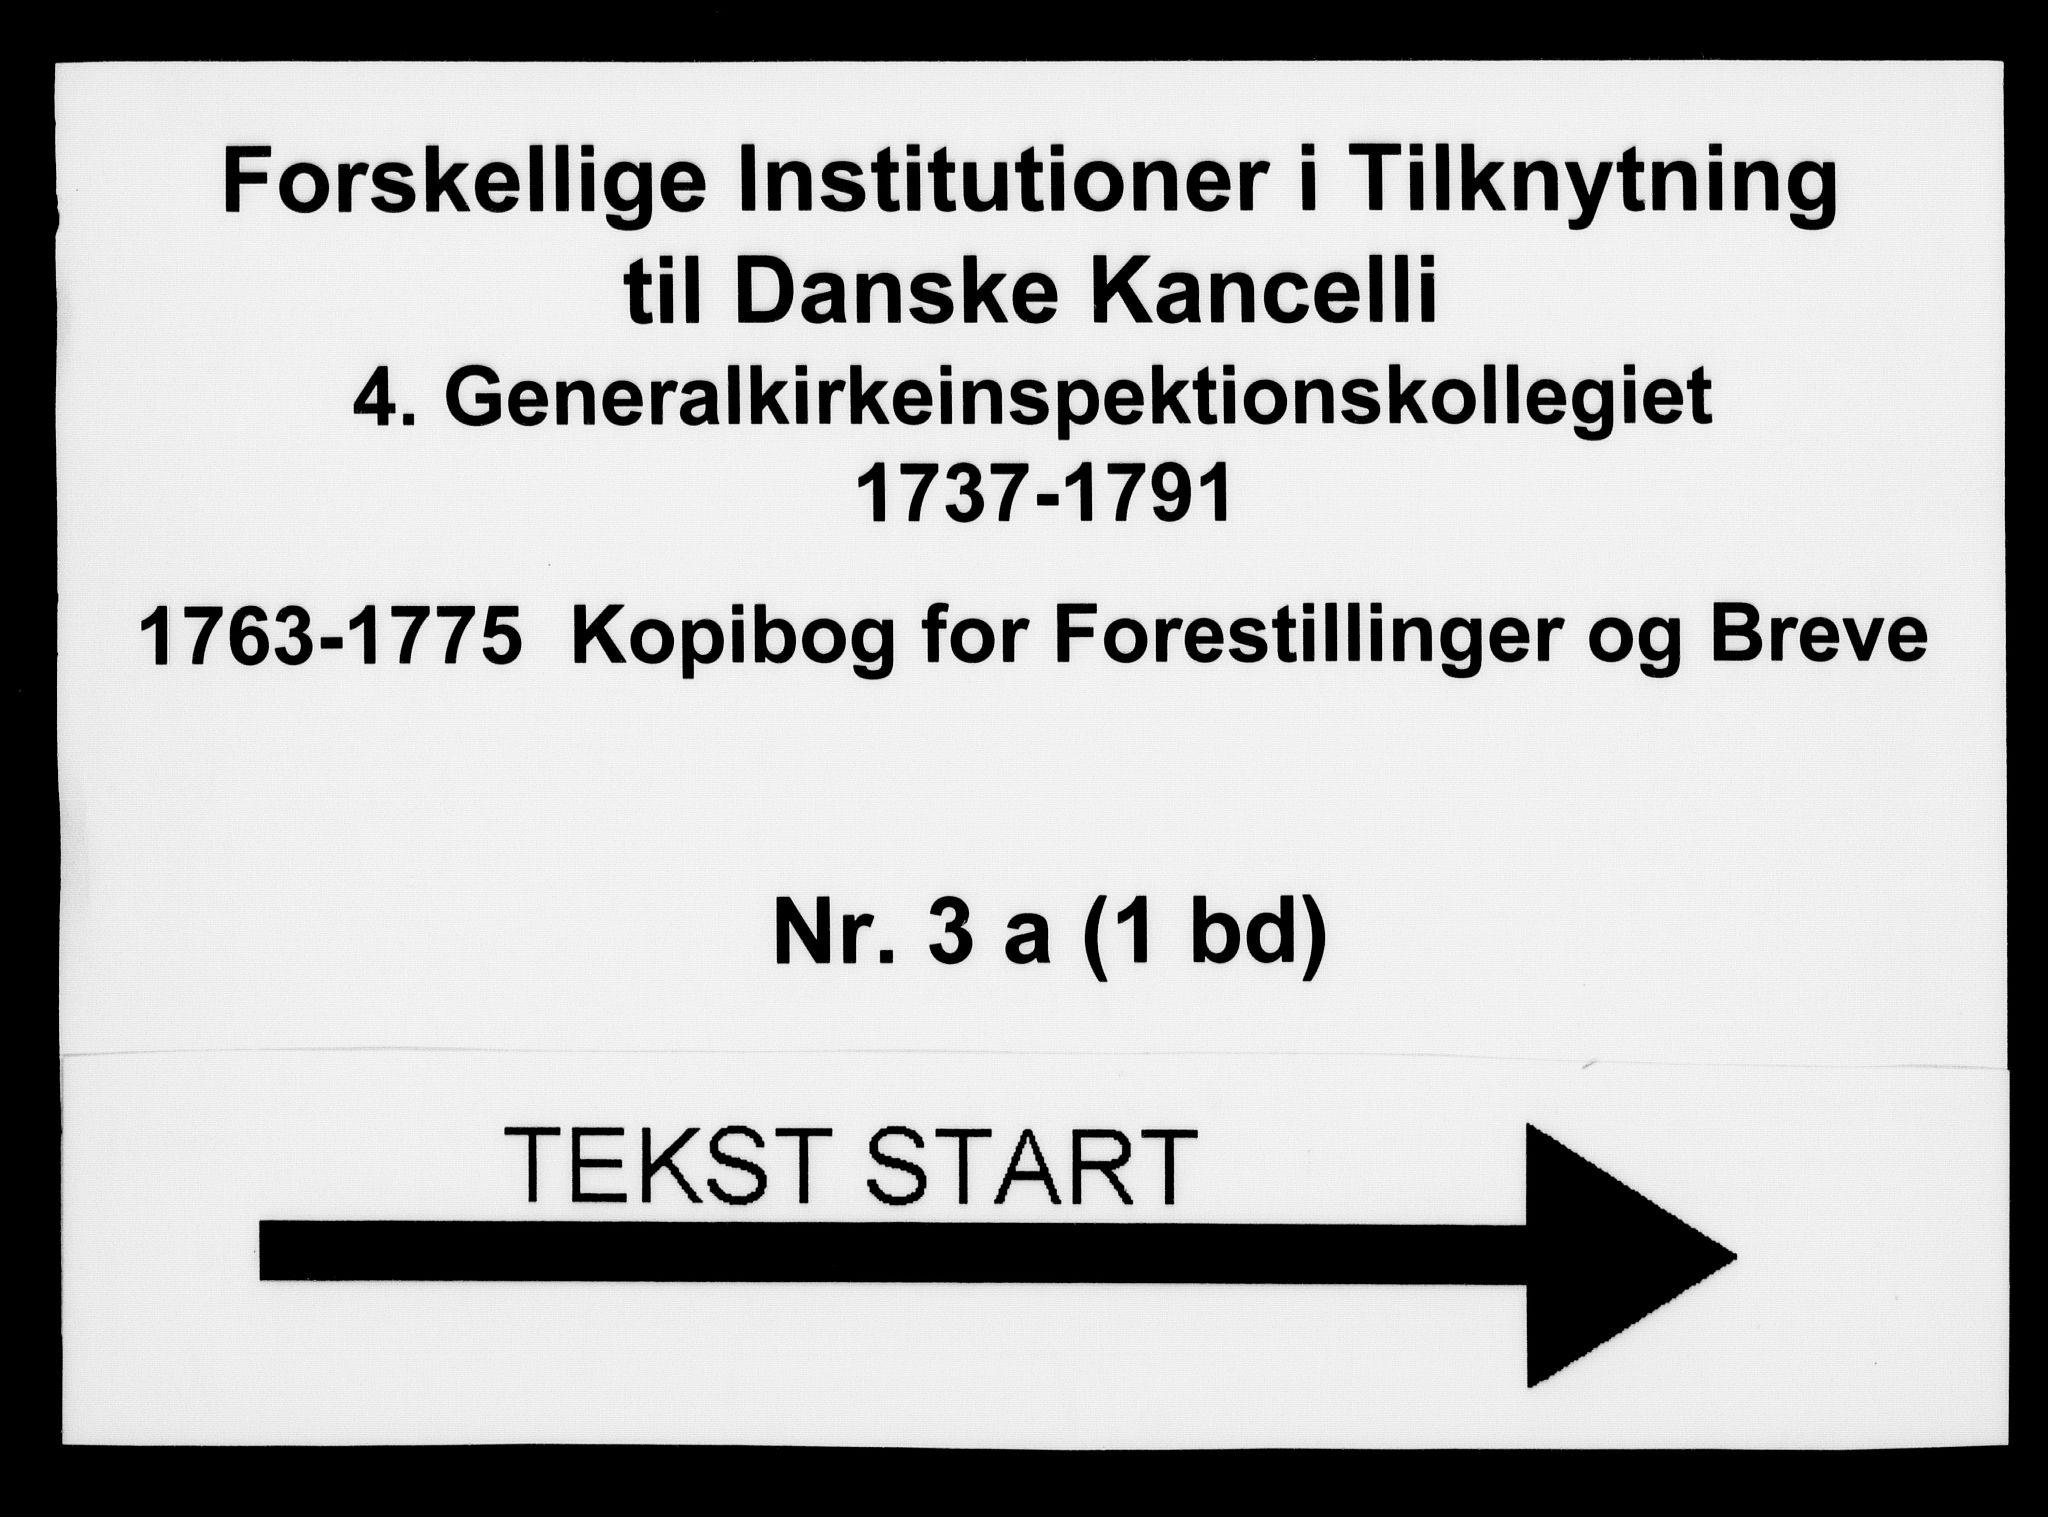 DRA, Generalkirkeinspektionskollegiet, F4-03/F4-03-01: Kopibog for forestillinger og breve, 1763-1775